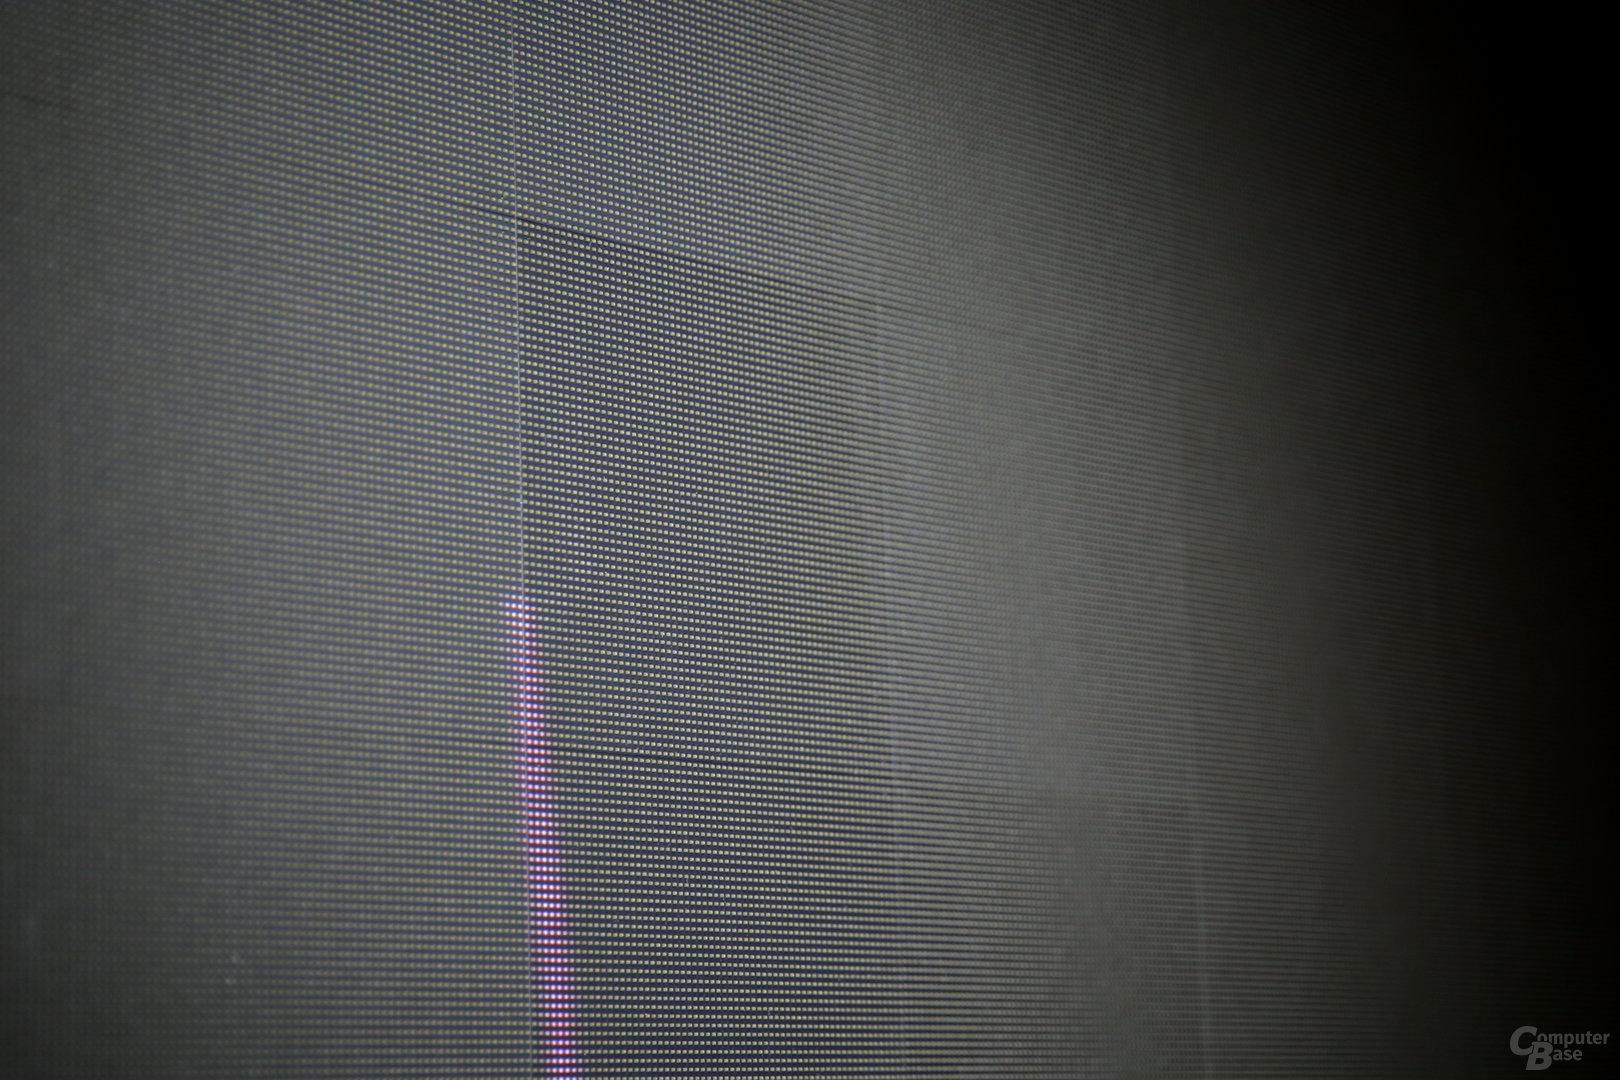 Submodule der LED-Bildwand im ausgeschalteten Zustand